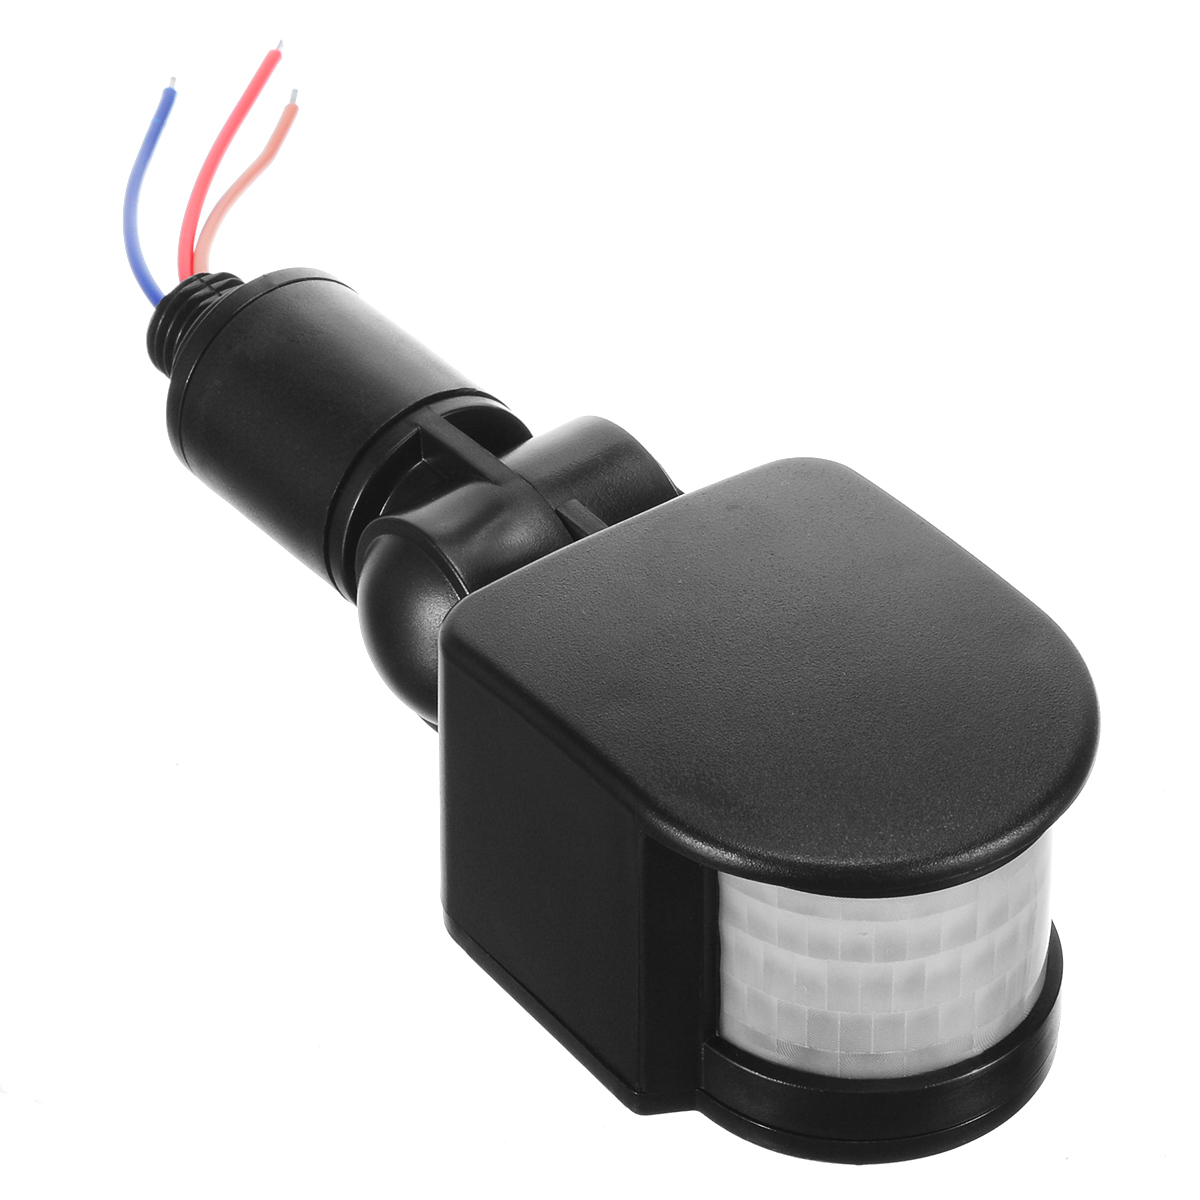 Infrared Pir Motion Sensor Switch Infrared Sensor Detector